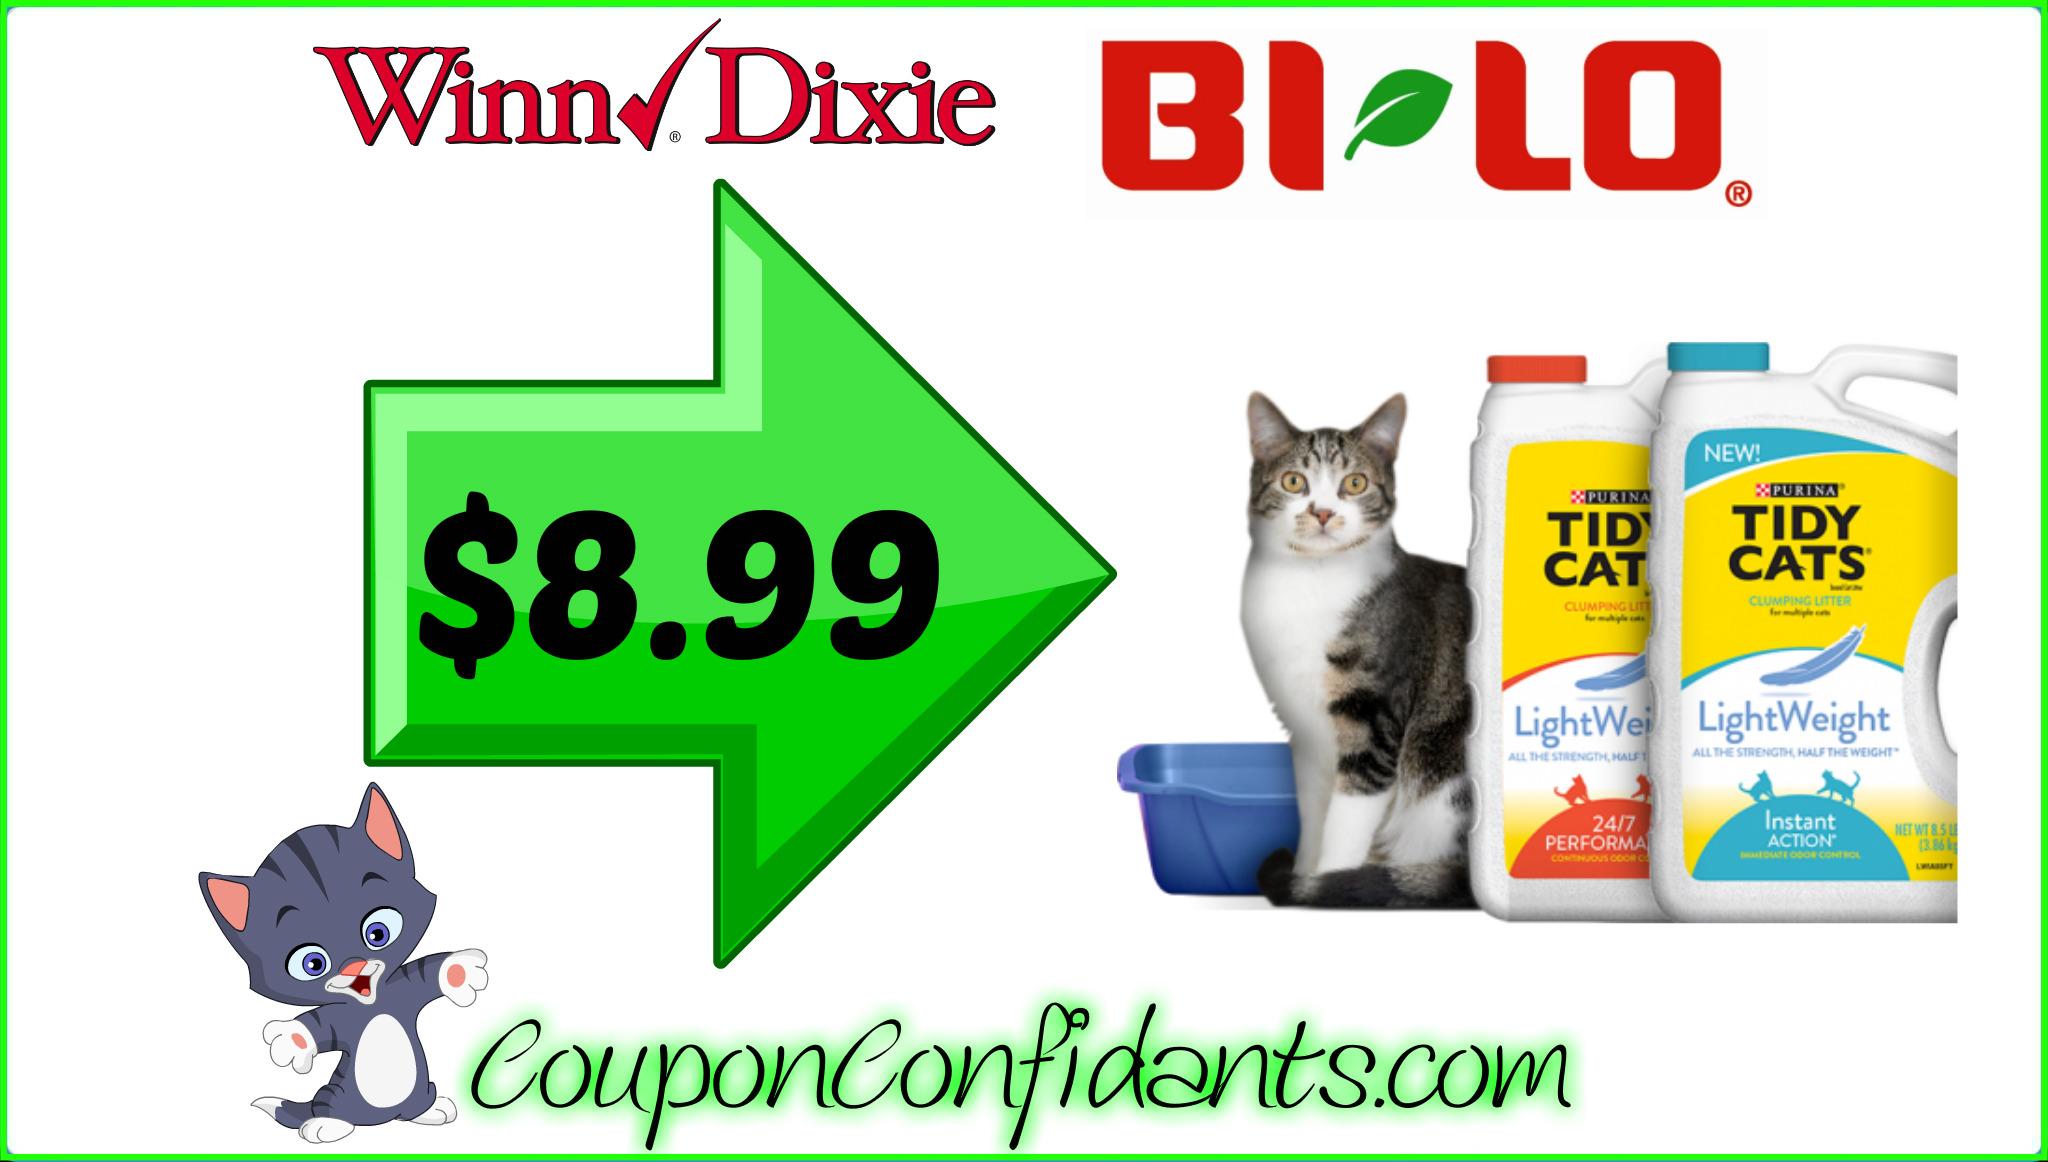 Tidy Cats deal at Winn Dixie and Bi-lo!